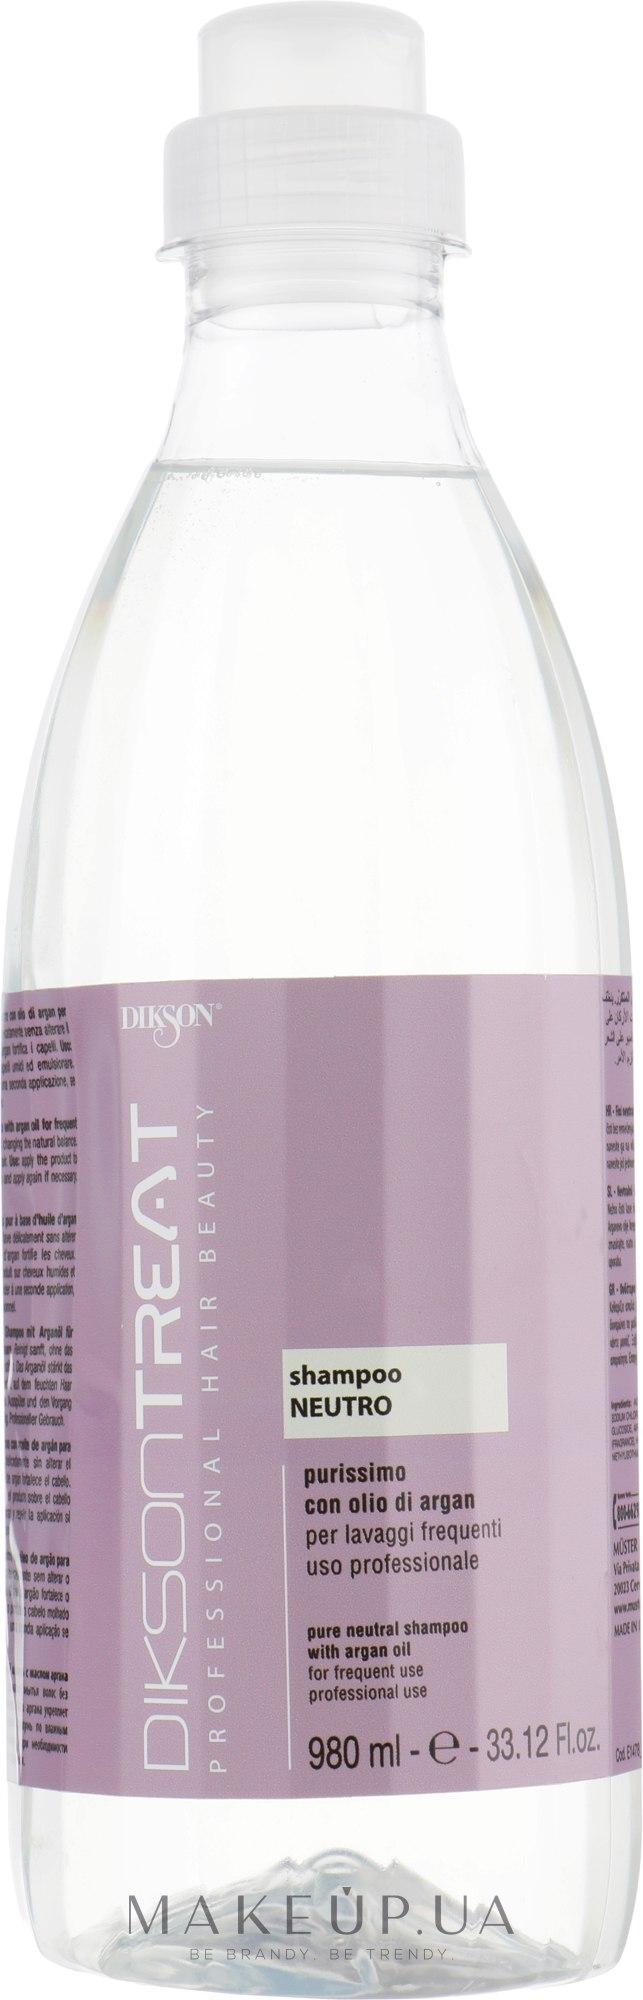 Нейтральный шампунь с маслом Арганы - Dikson Treat Shampoo Neutro — фото 980ml